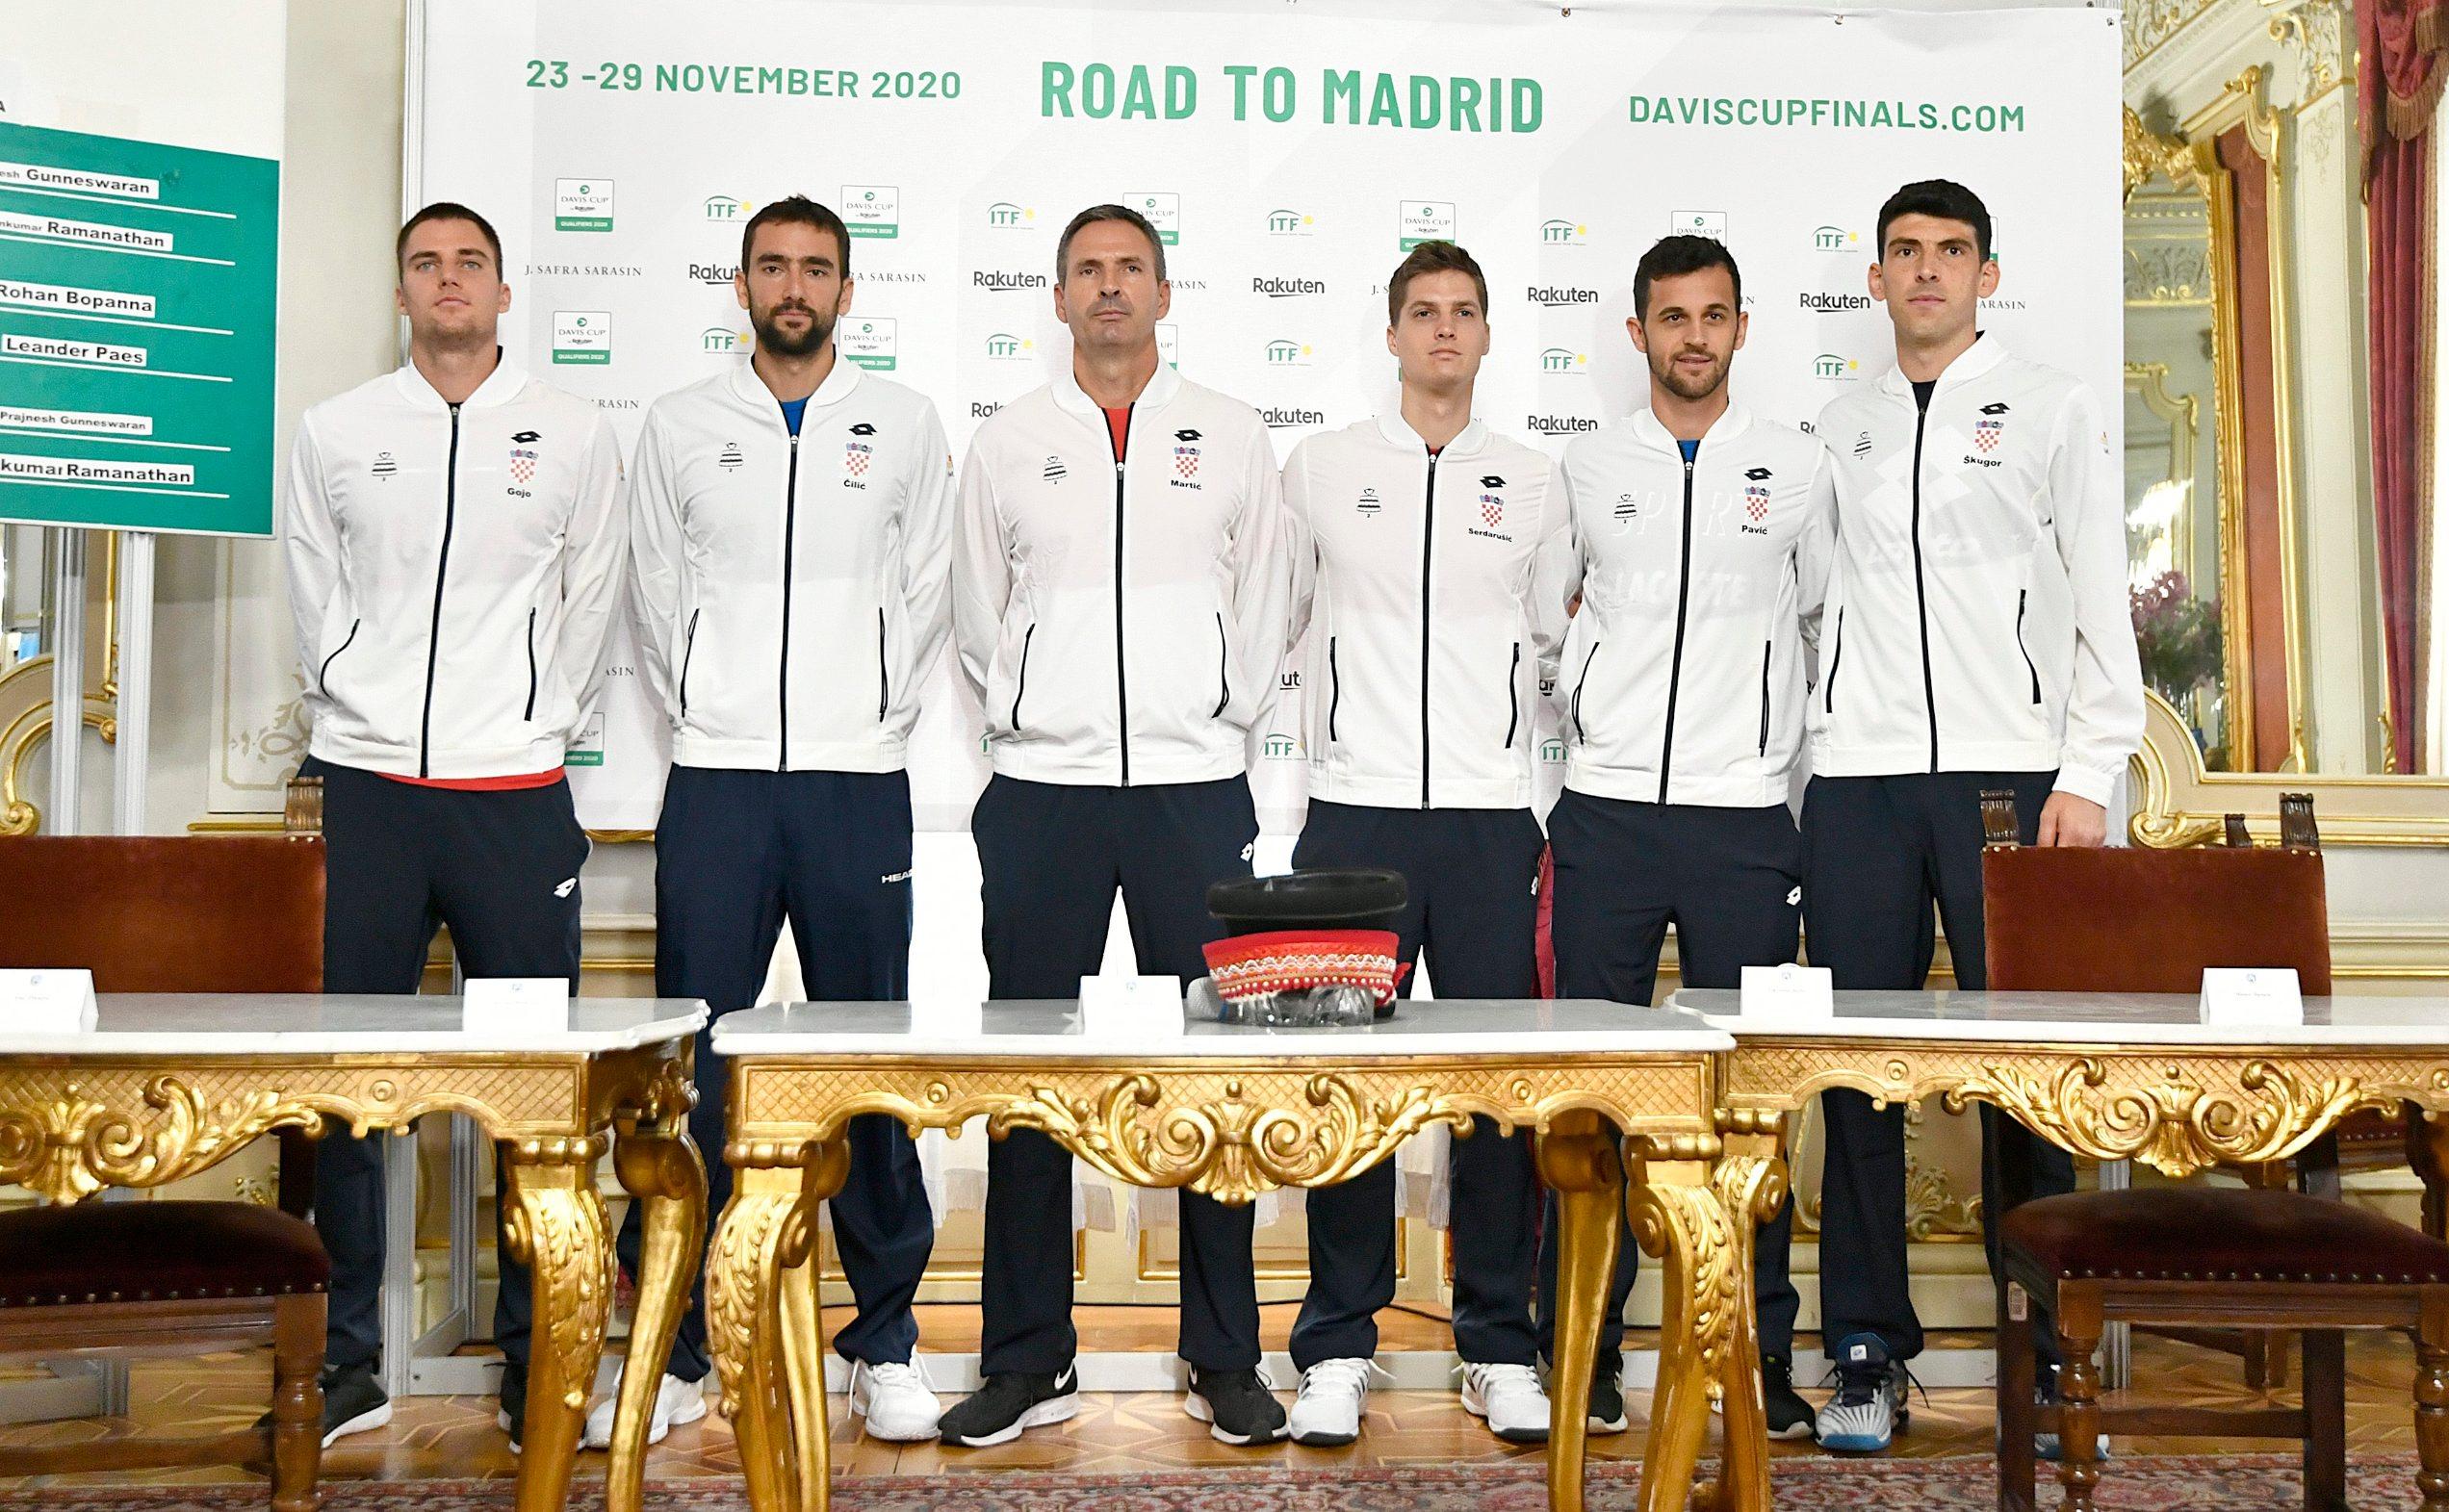 Hrvatska reprezentacija: Borna Gojo, Marin Čilić, Vedran Martić, Nino Serdarušić, Mate Pavić i Franko Škugor